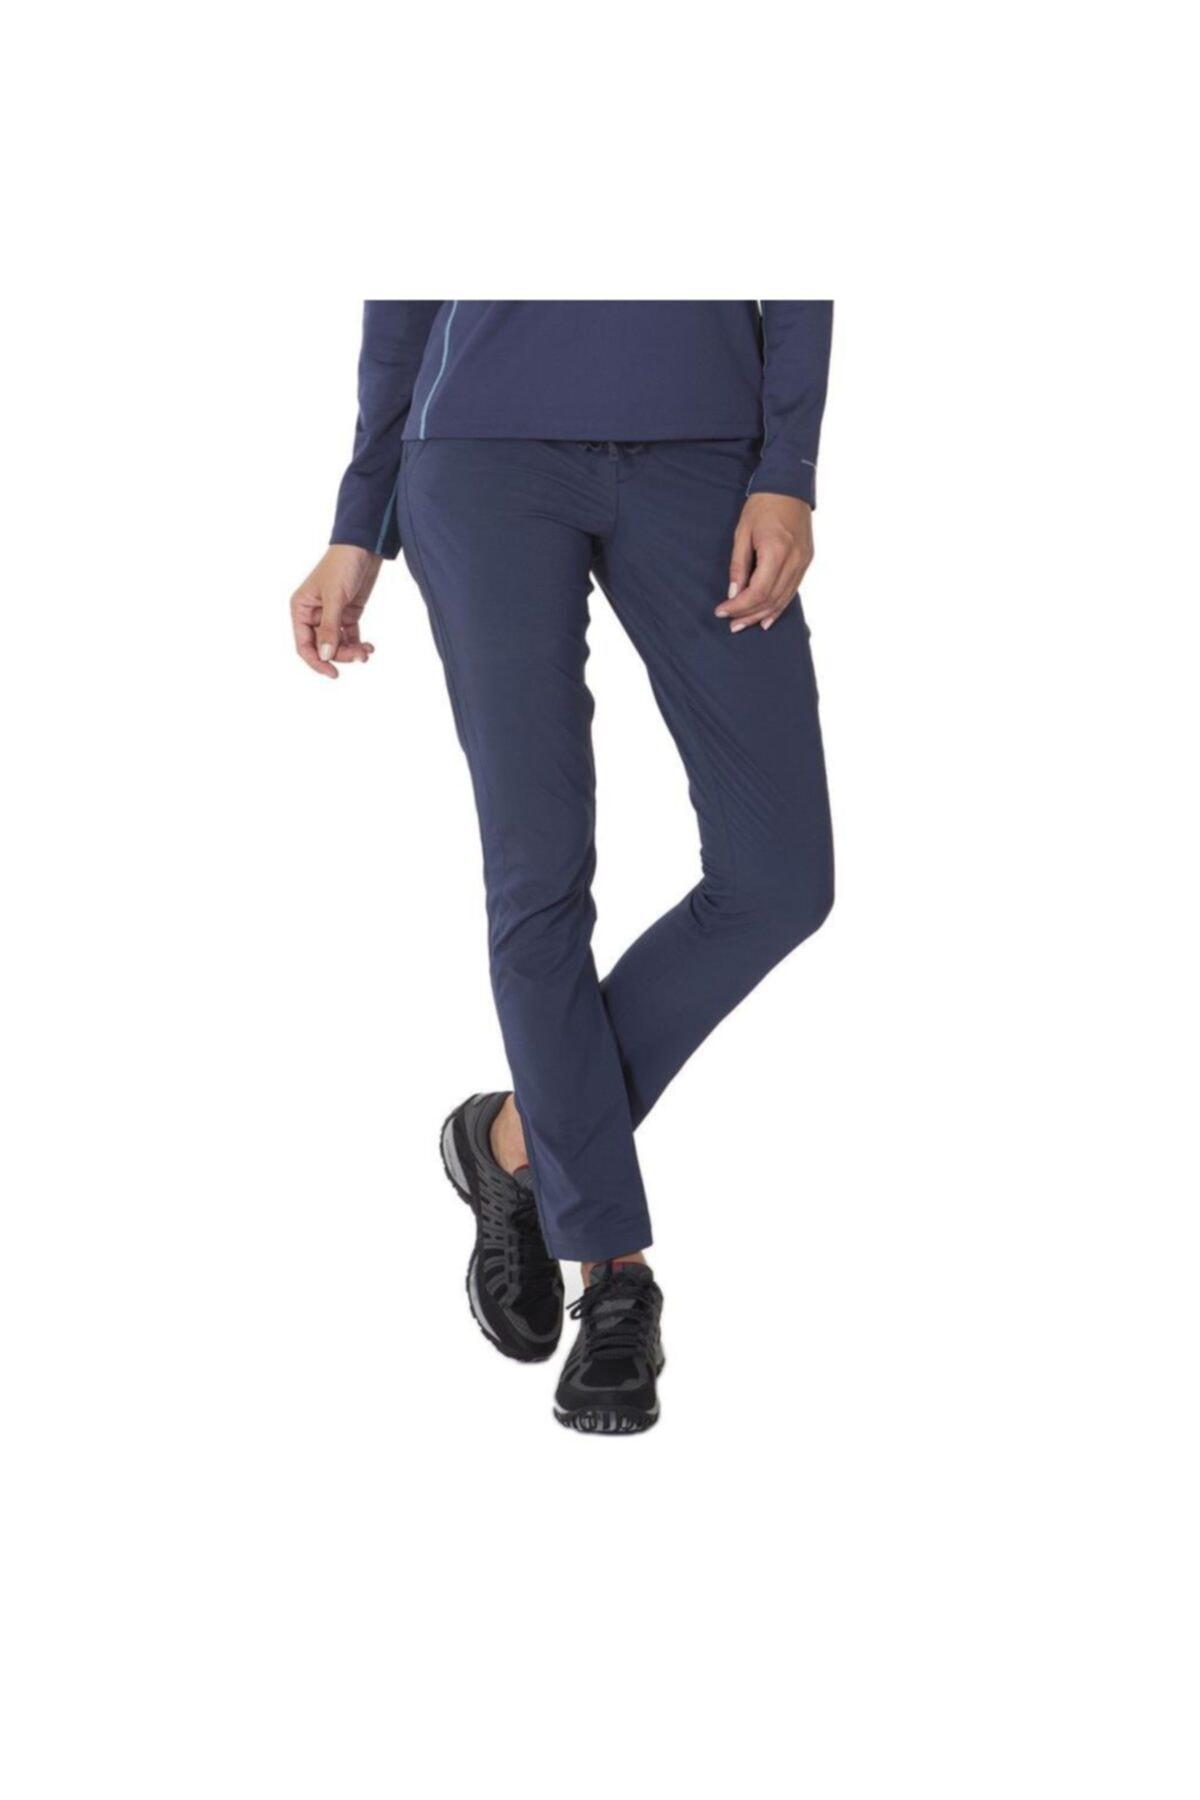 خرید پستی شلوار ورزشی مردانه پارچه نخی برند کلمبیا رنگ لاجوردی کد ty2559682